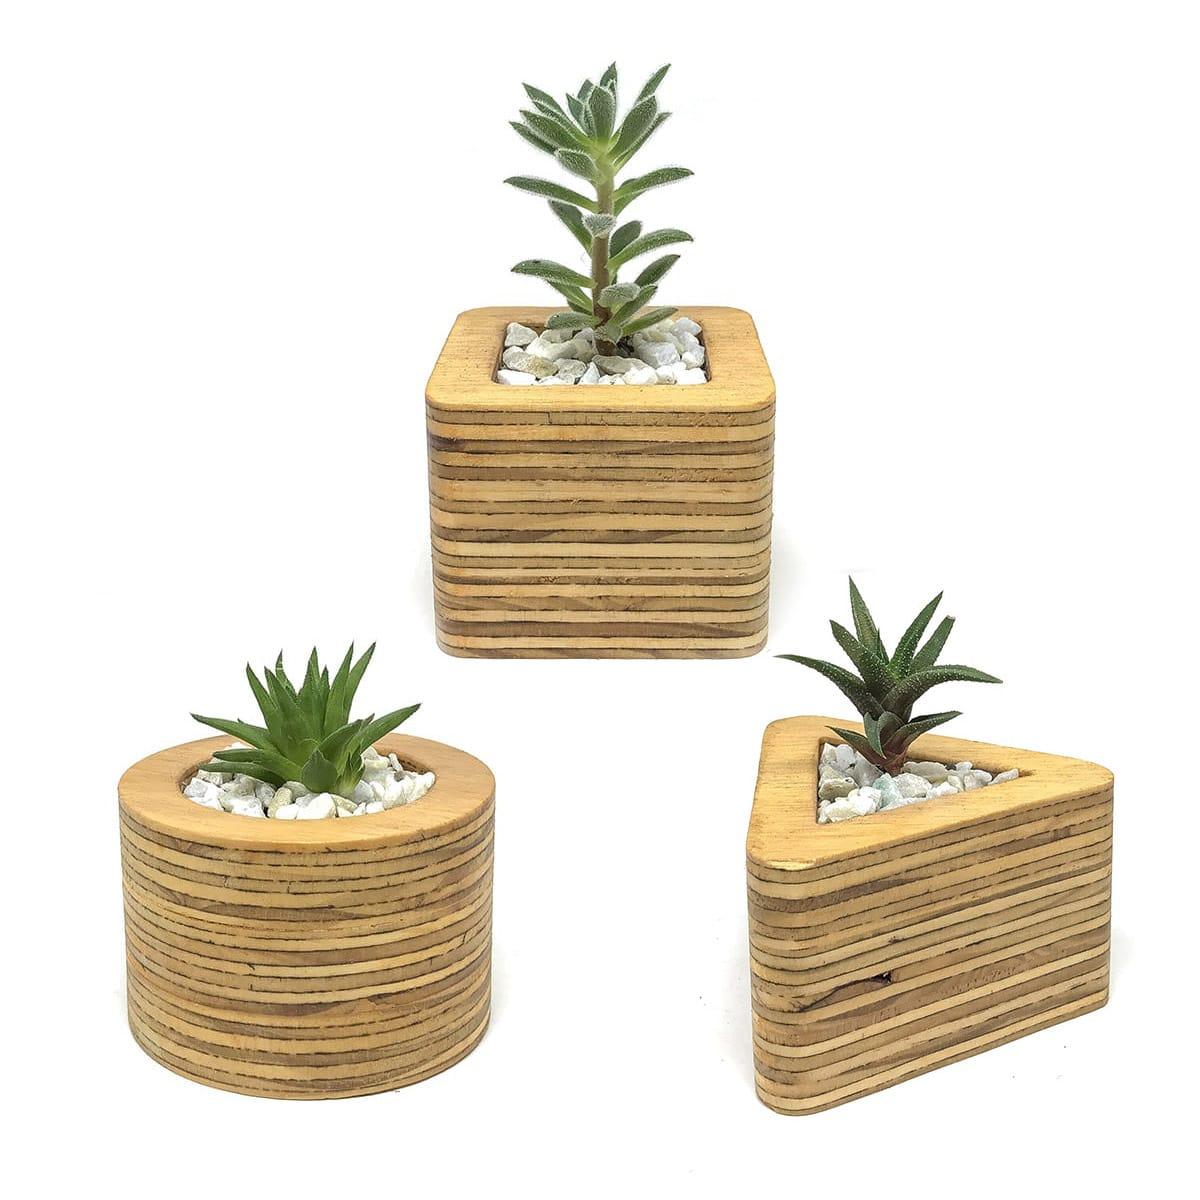 Macetas de madera macetas de madera para decorar tus - Macetas madera exterior ...